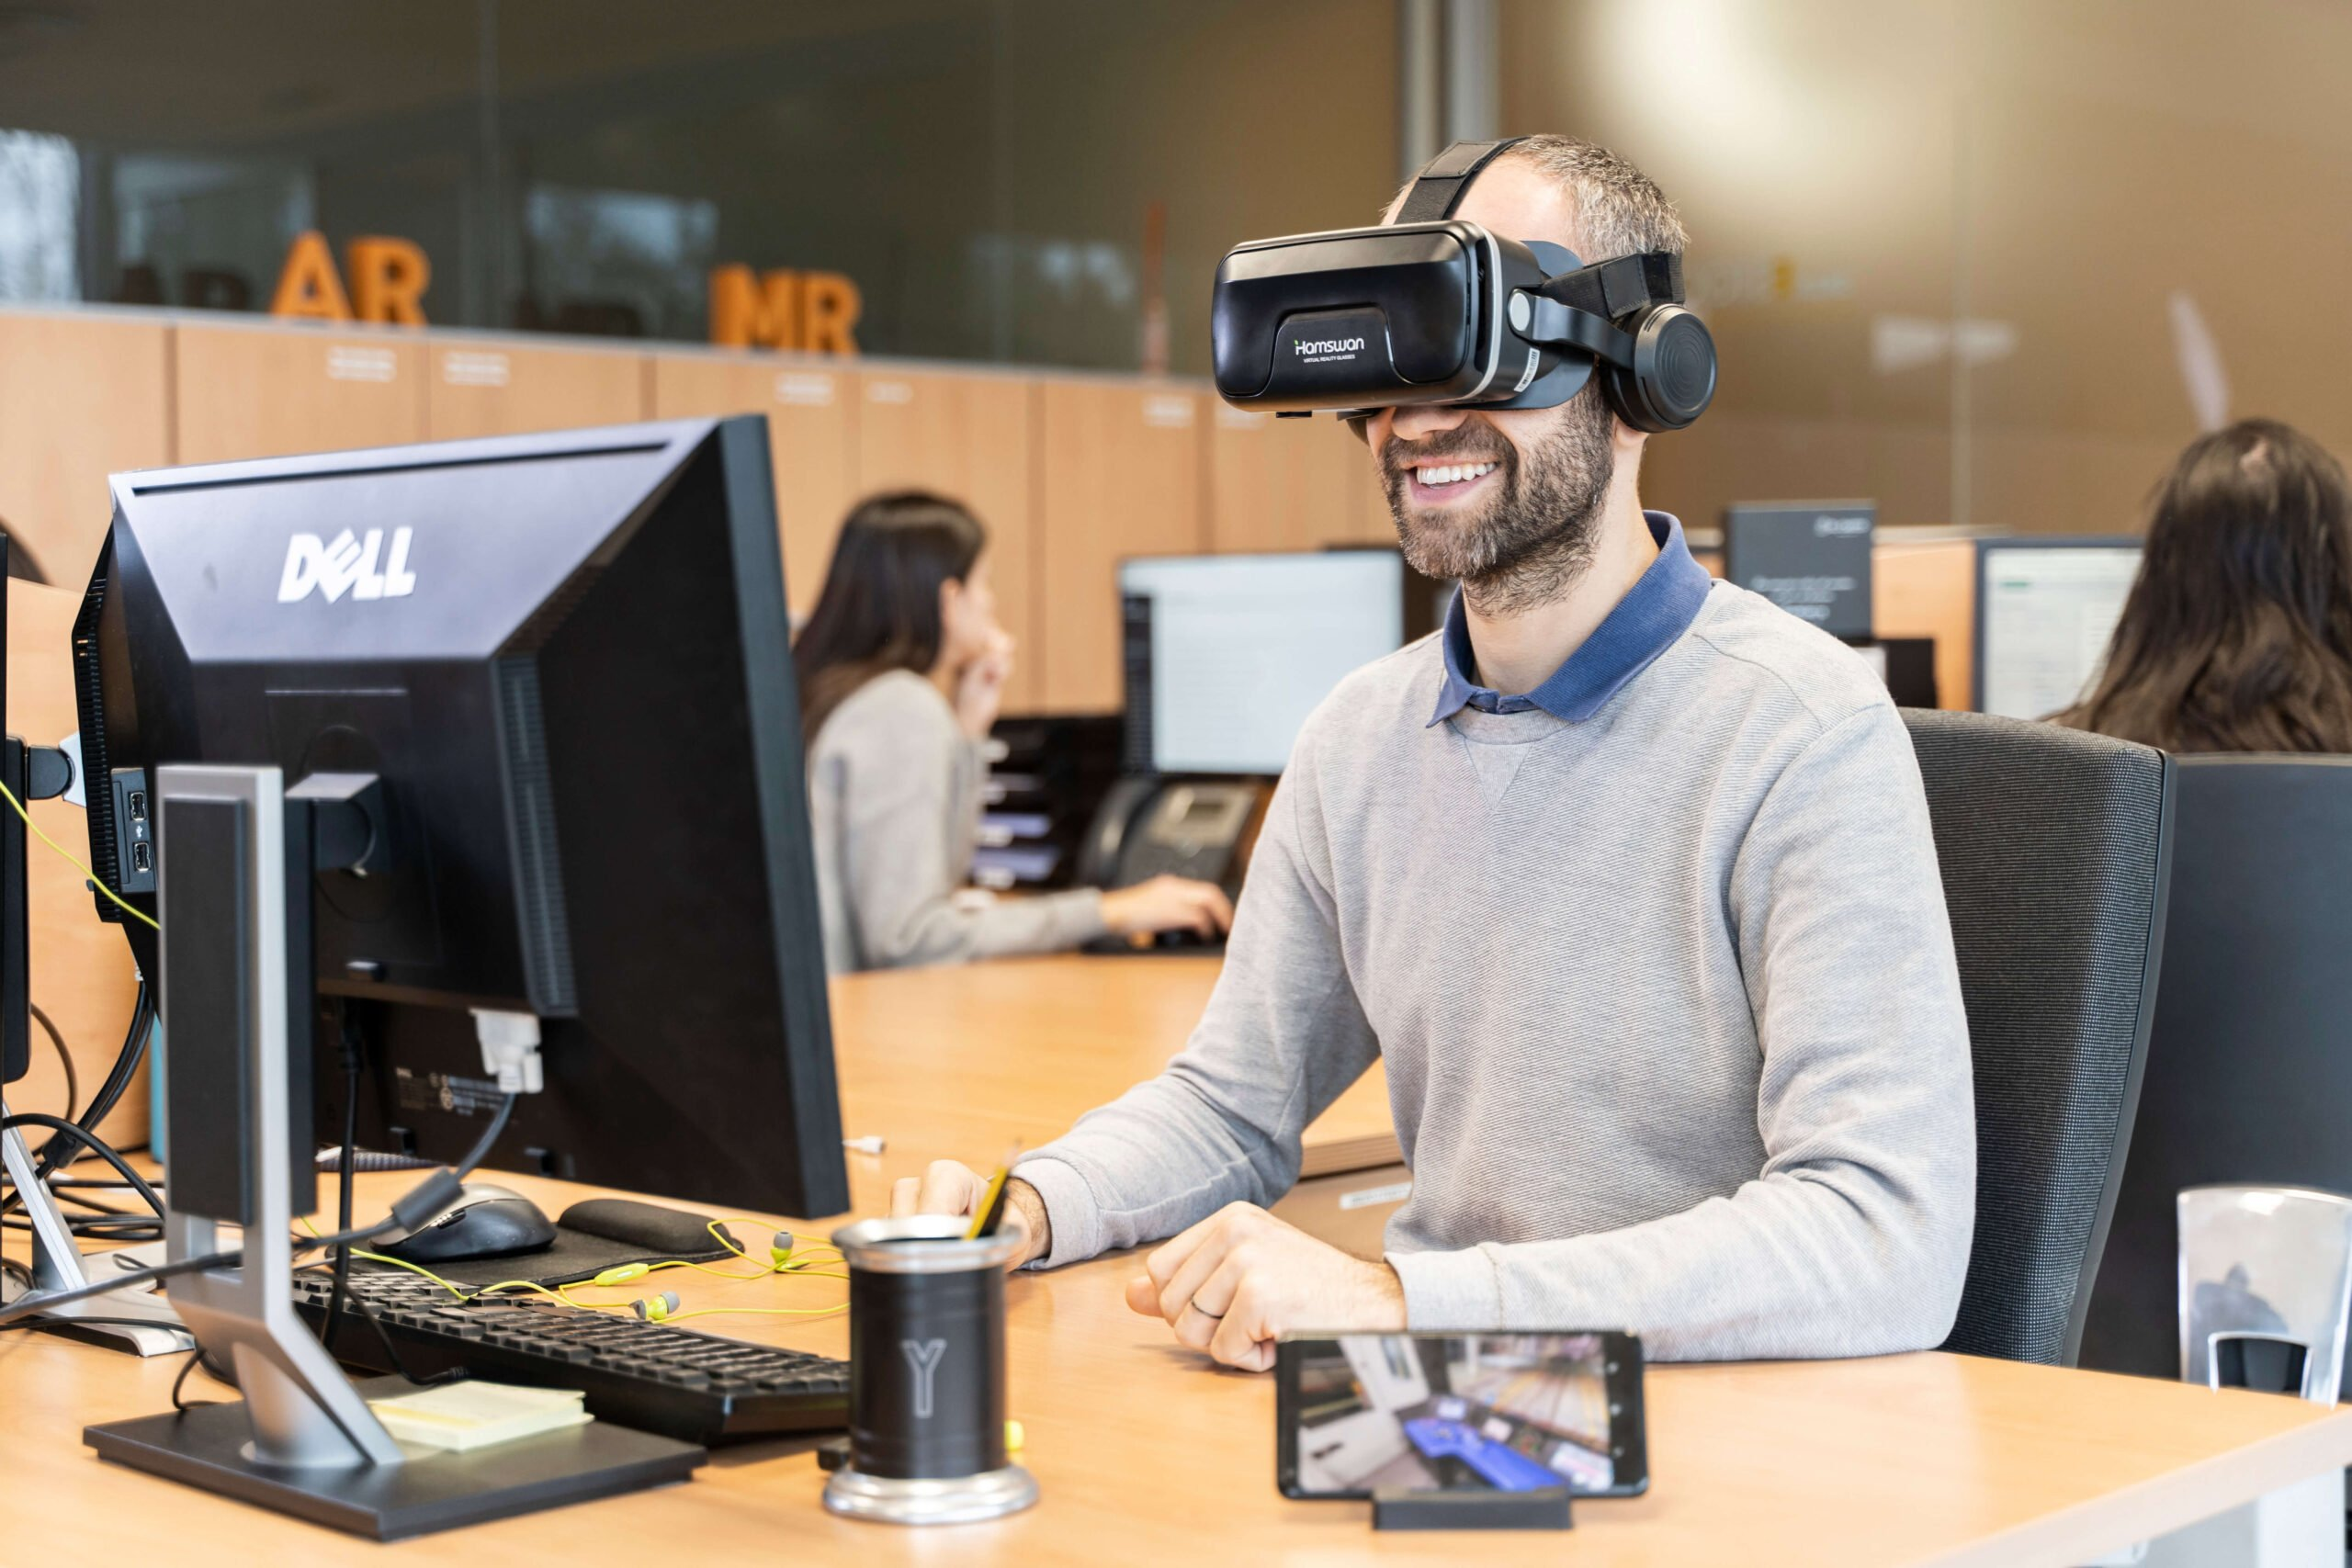 Empleado en las oficinas de Geminys con gafas de realidad virtual